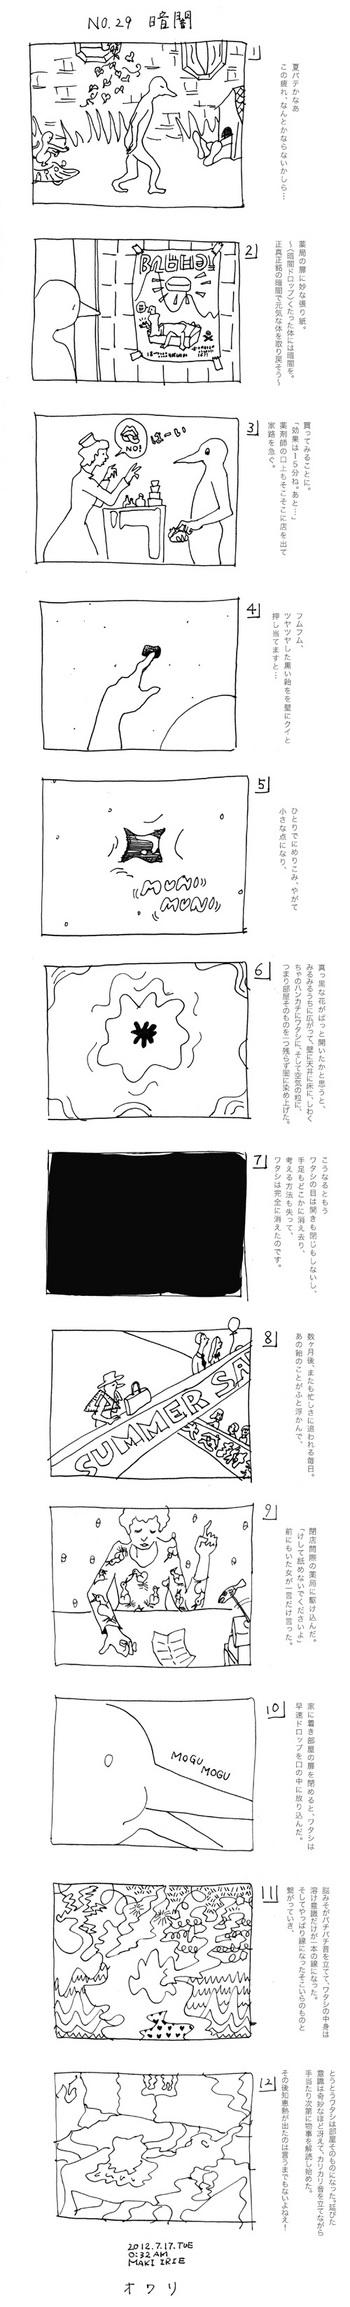 manga_29kurayami2307.jpg